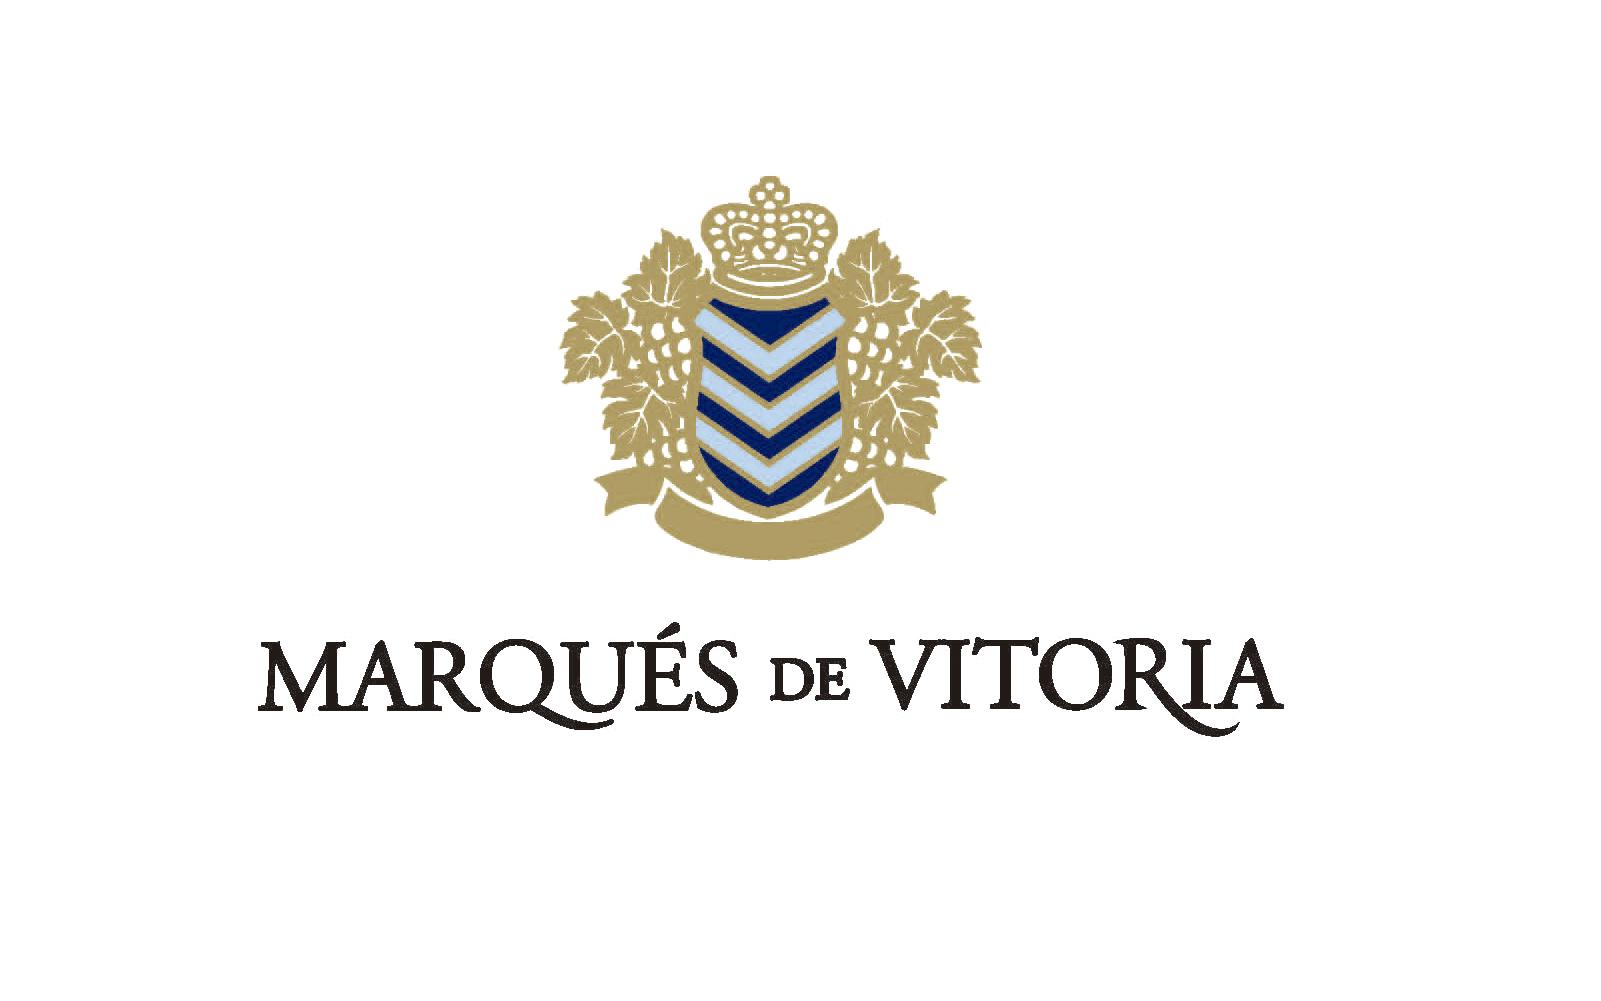 Logo-Marques-de-Vitoria